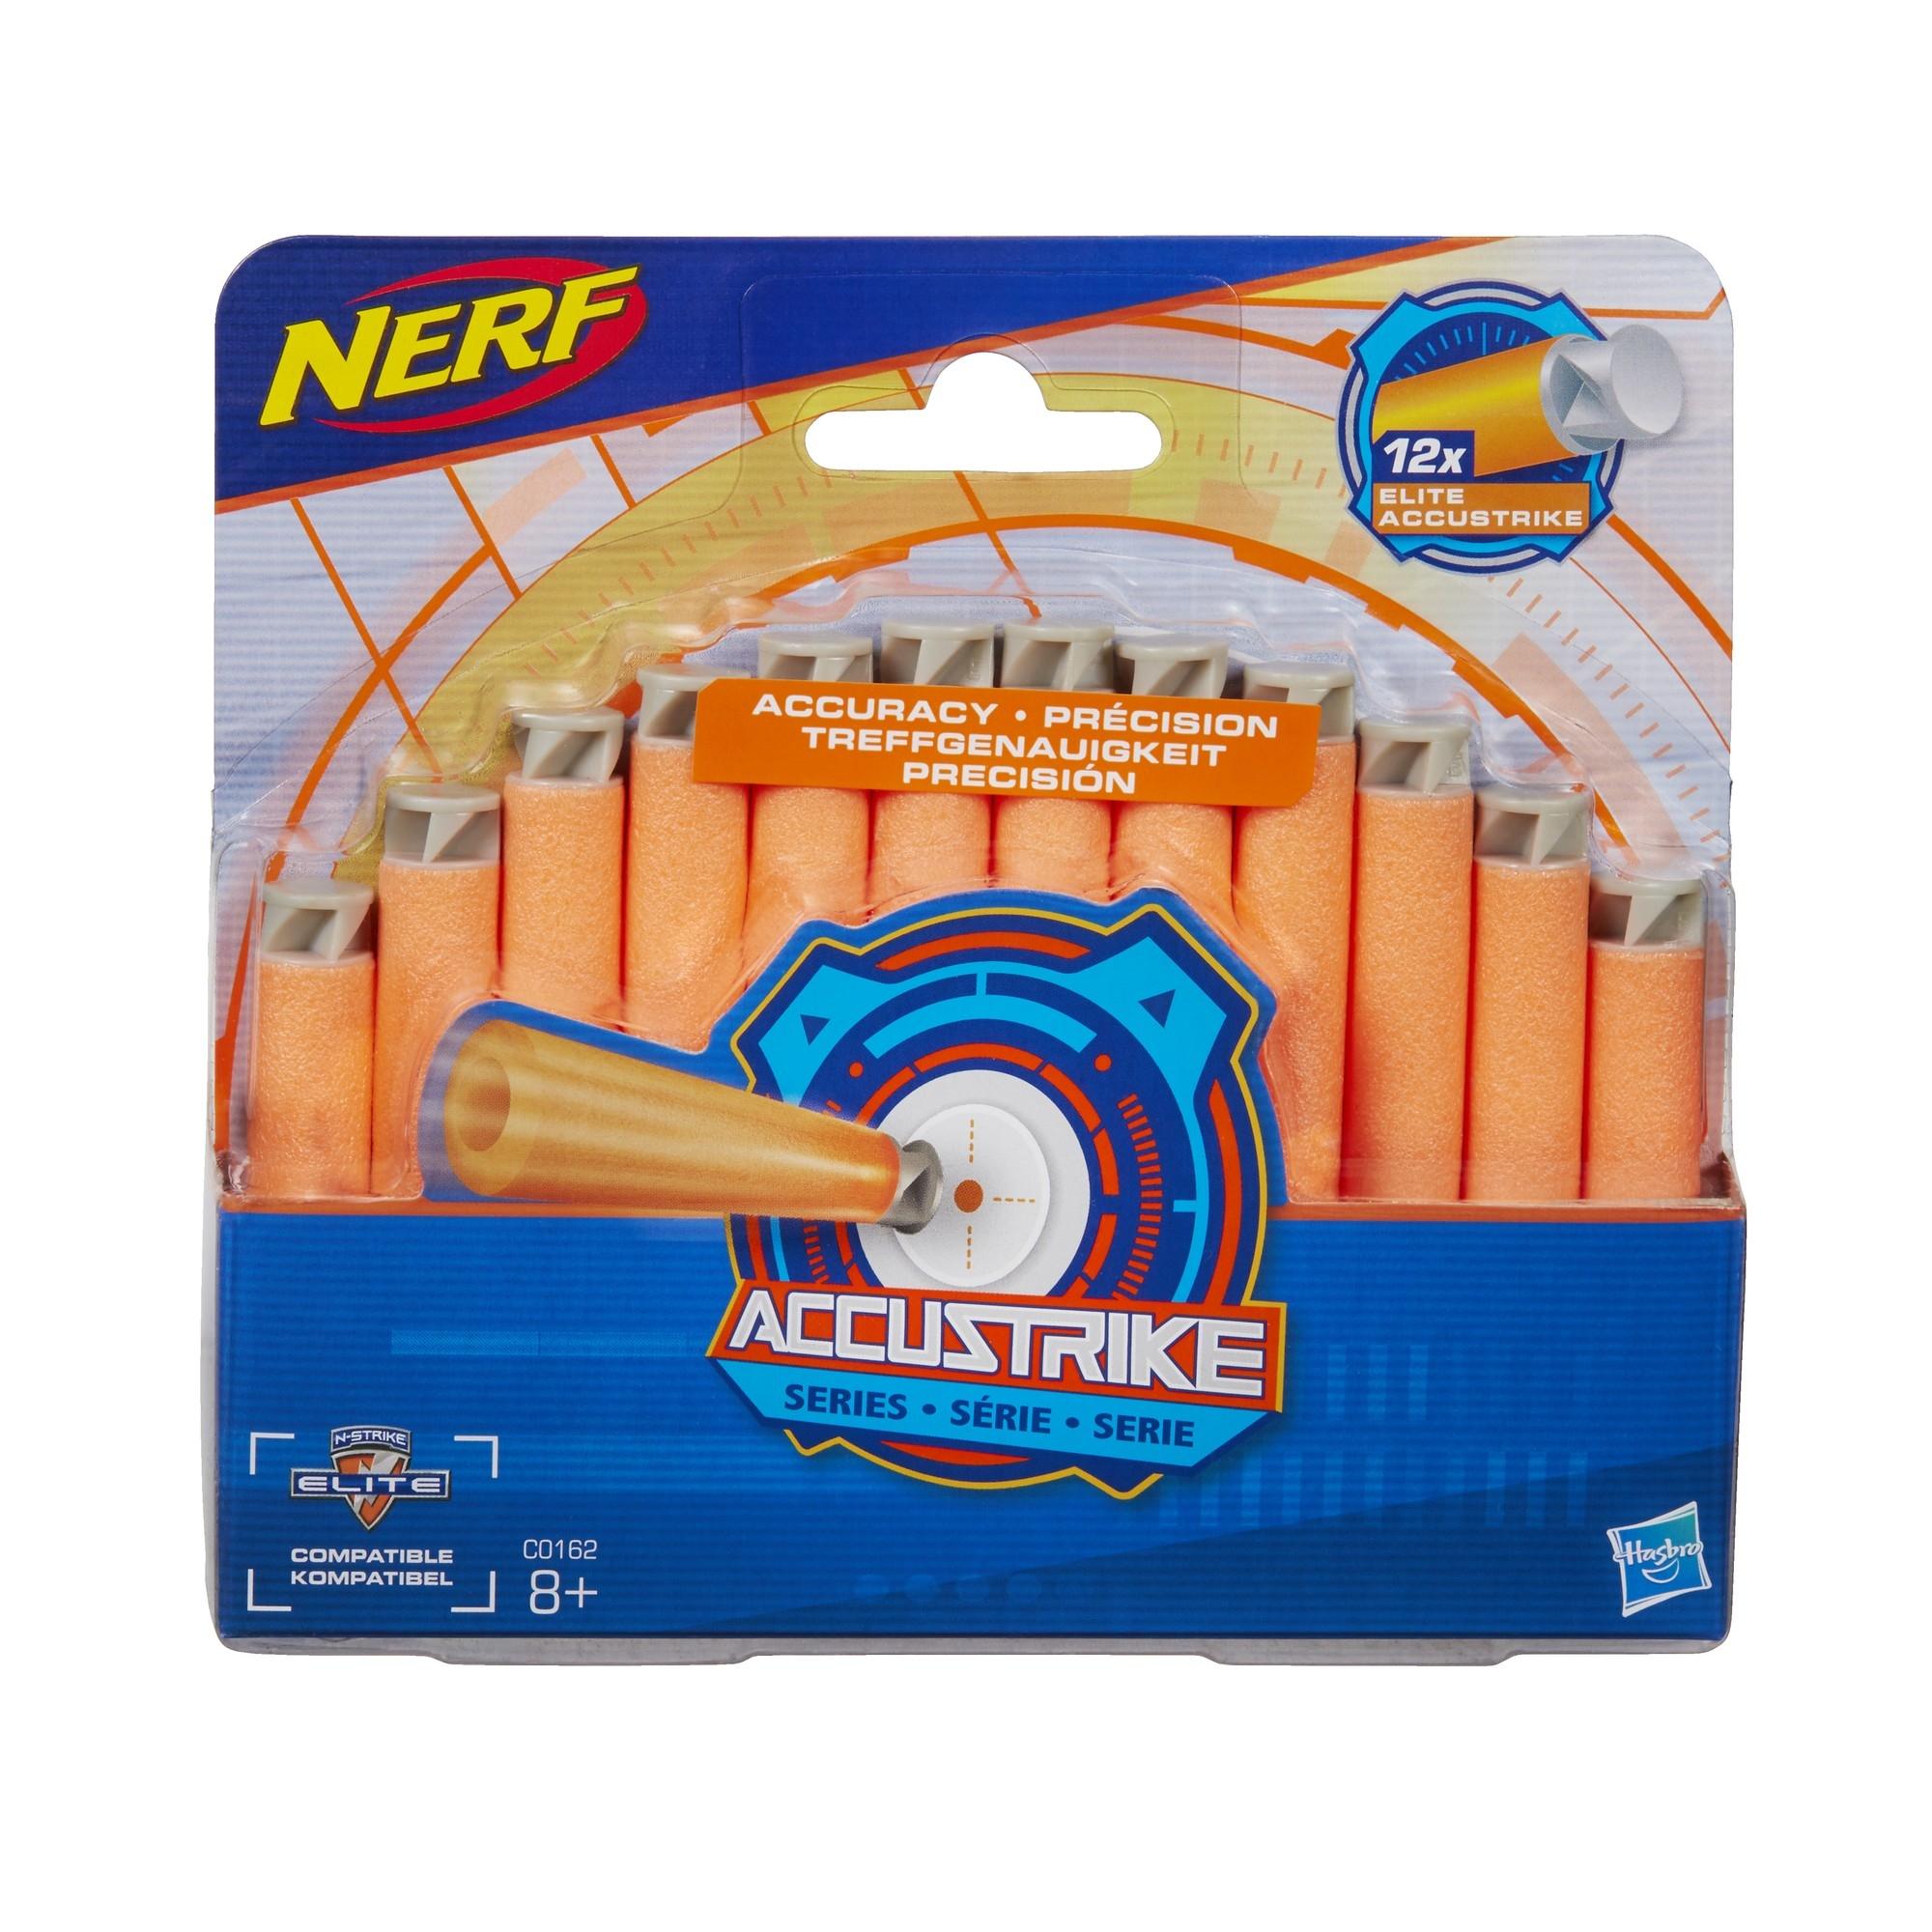 Другое оружие и боеприпасы NERF Аккустрайк C0162 набор стрел для бластеров nerf аккустрайк оранжевый